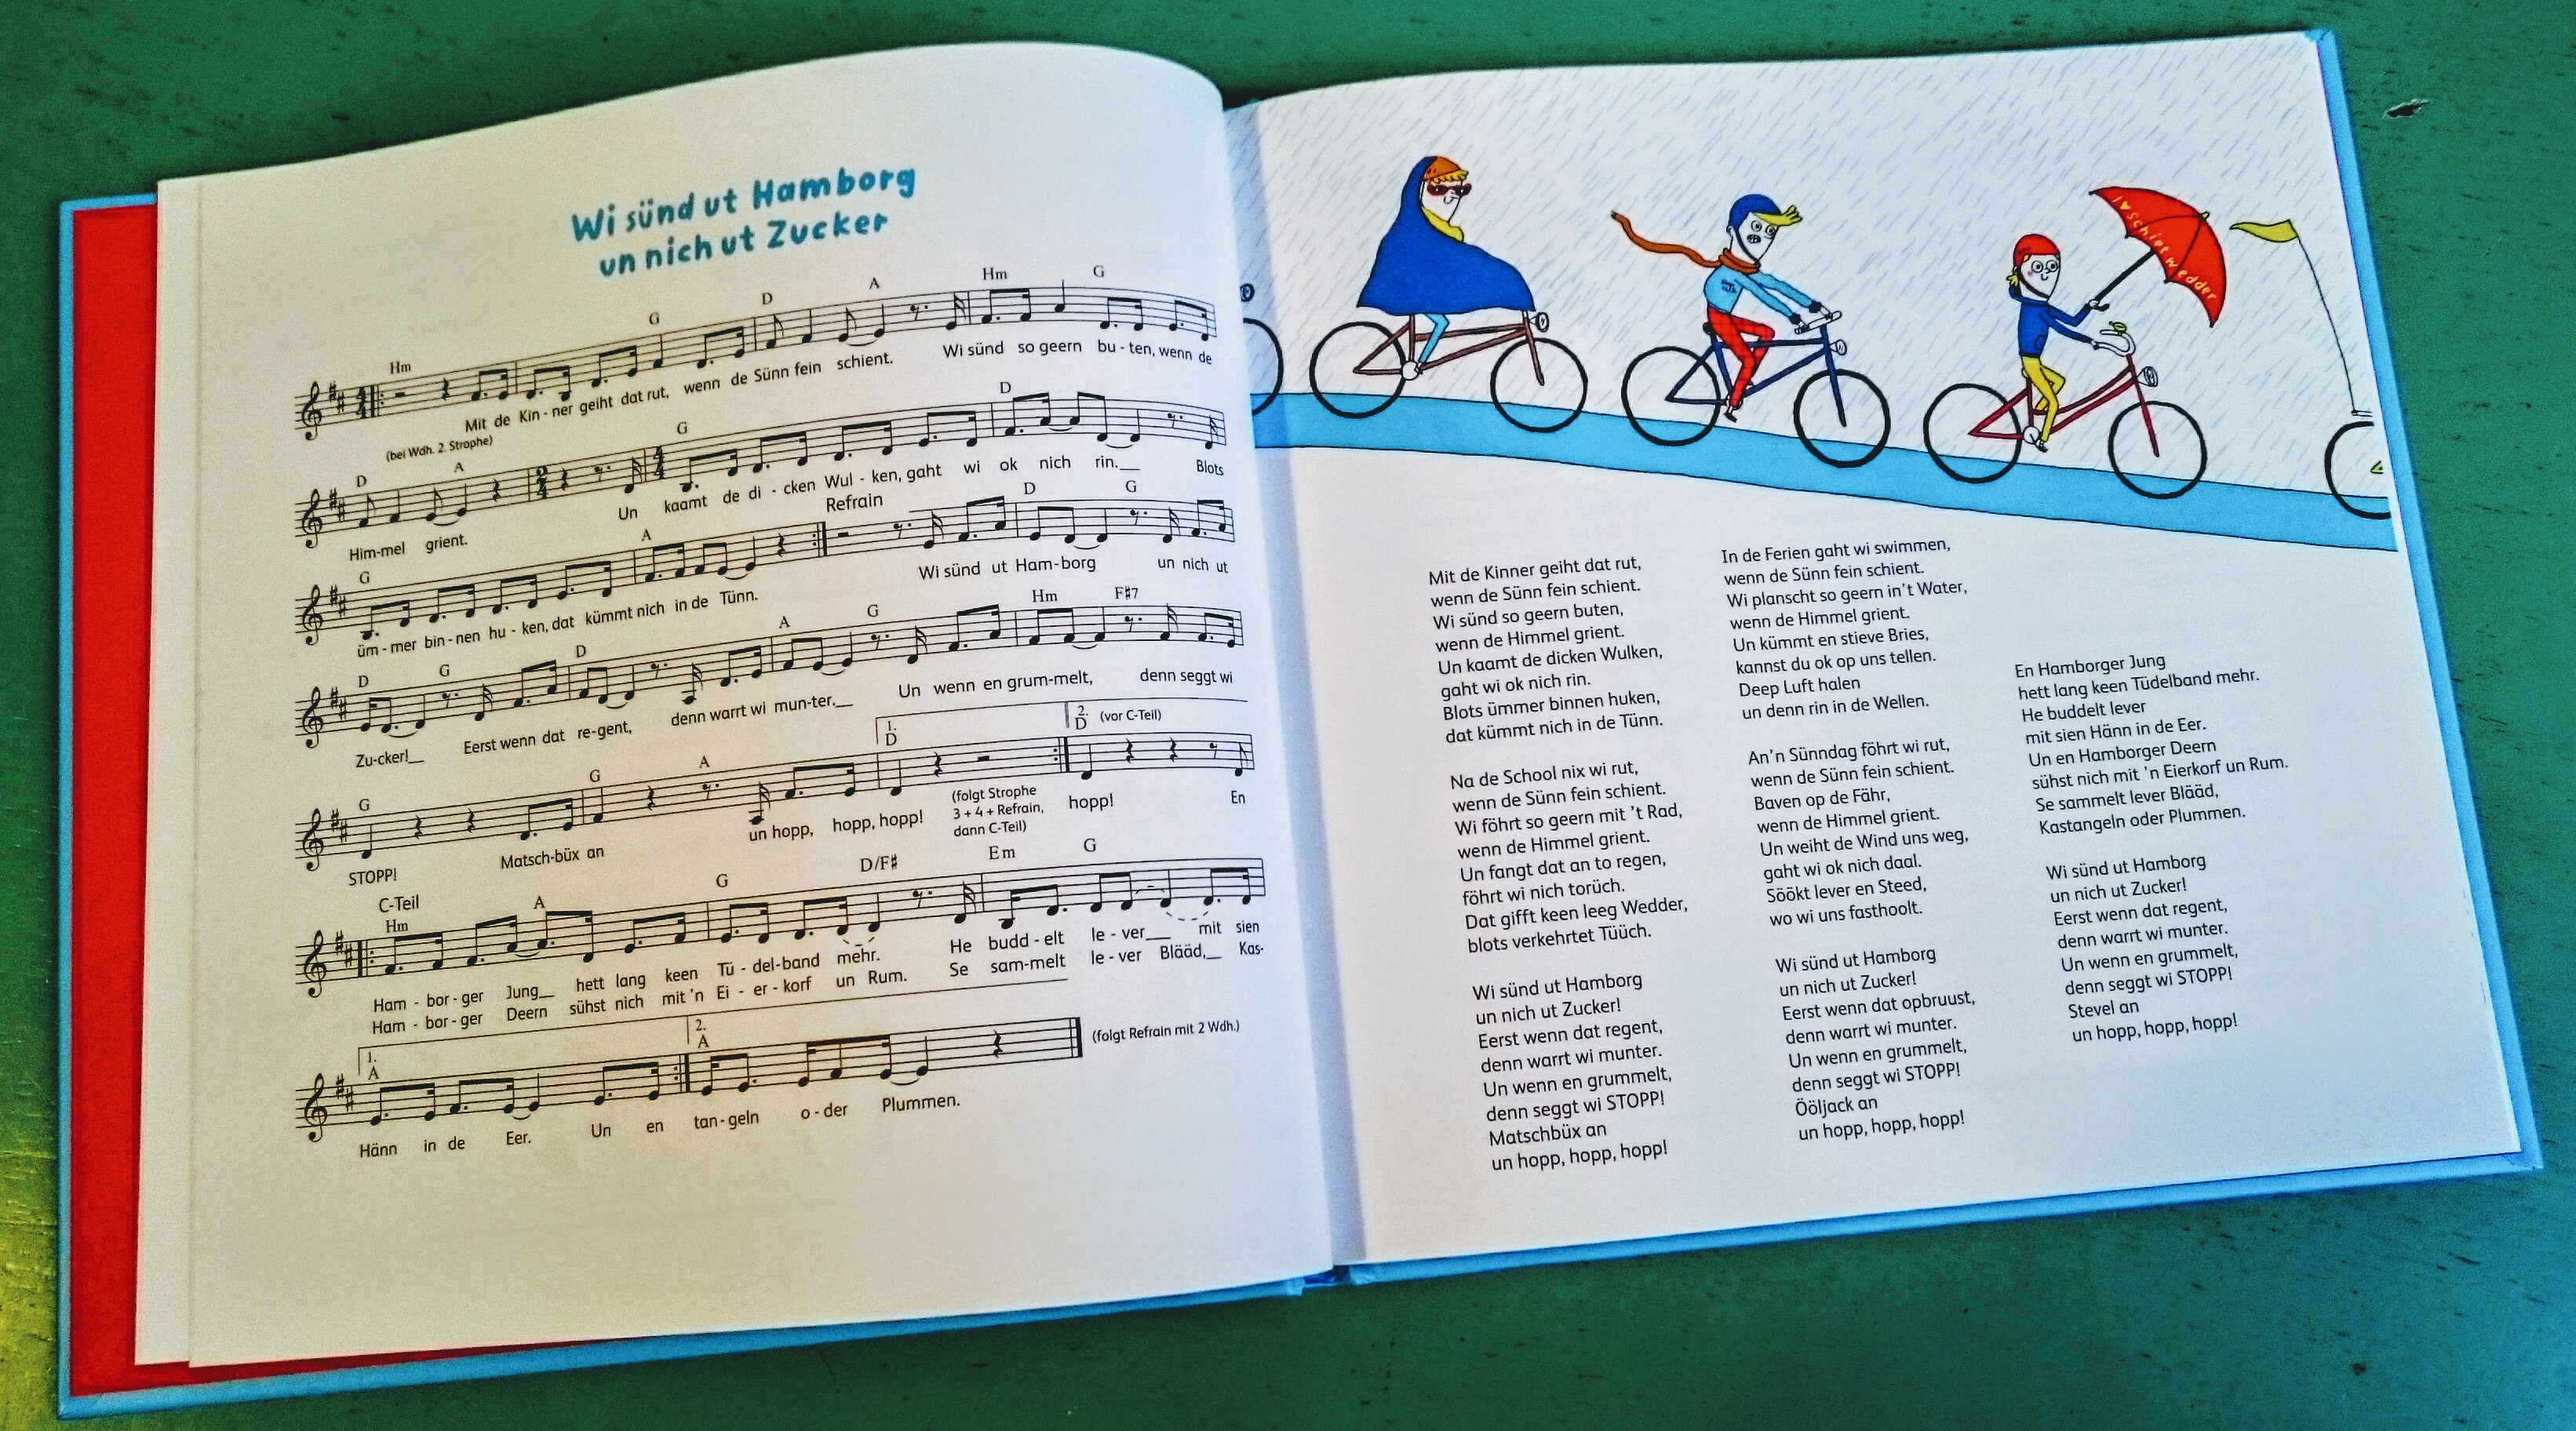 Plattkinner, Buch, Plattdeutsch, Plattdeutsches Buch des Jahres 2018, Wiebke Colmorgen, Hardy Kayser, Tanja Esch, Songs, Pop, Platt, Hanseplatte, Illustraion, Musik, Kinder, Hamburg